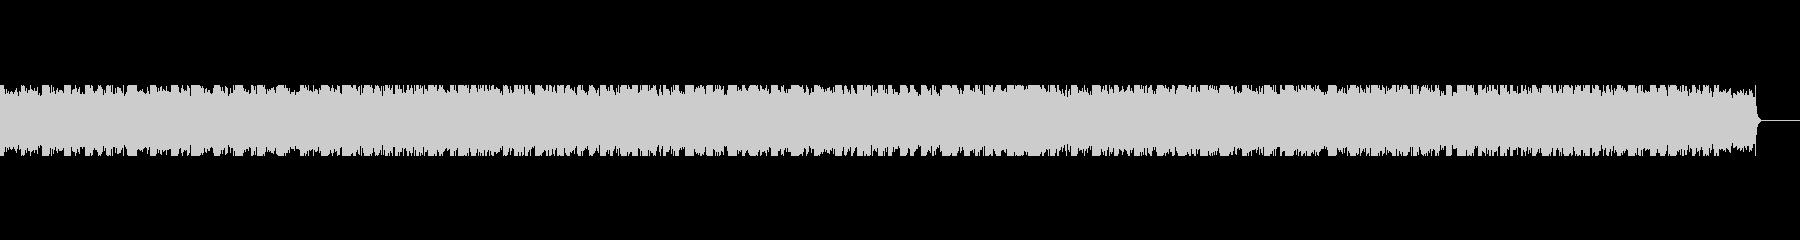 優しい雰囲気のアコギバラードの未再生の波形